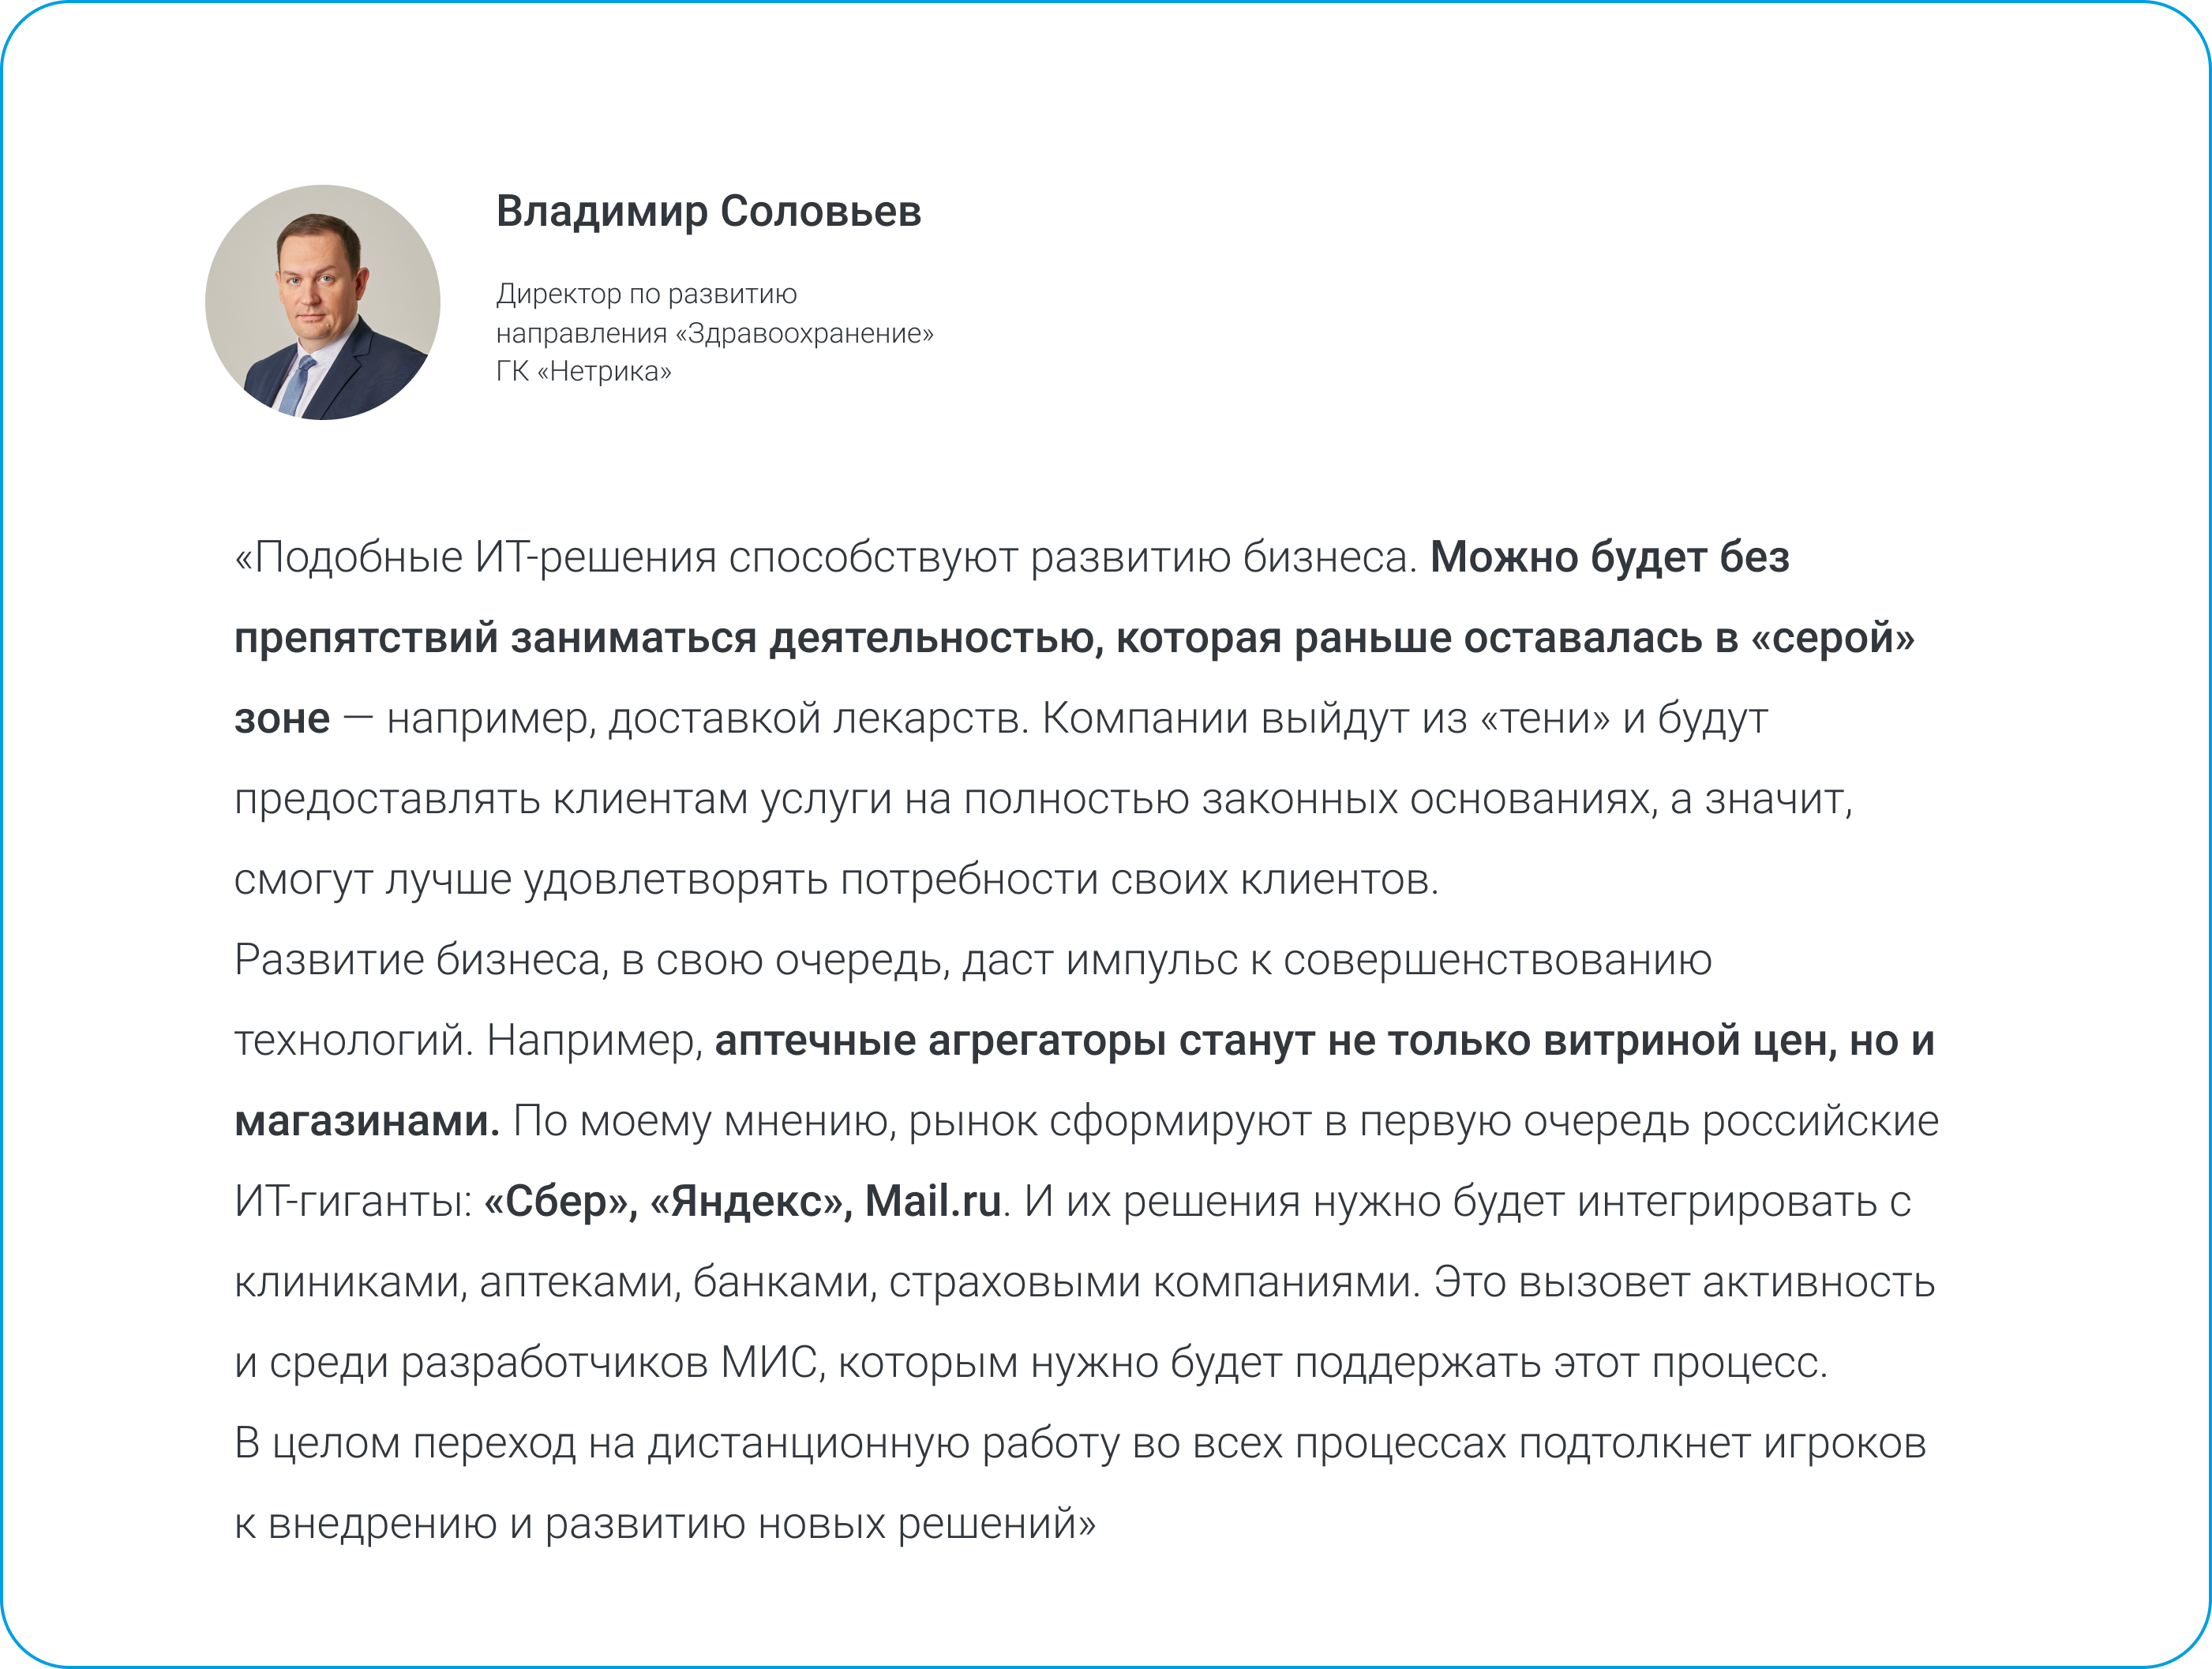 Владимир Соловьев, директор поразвитию направления Здравоохранение ГК Нетрика